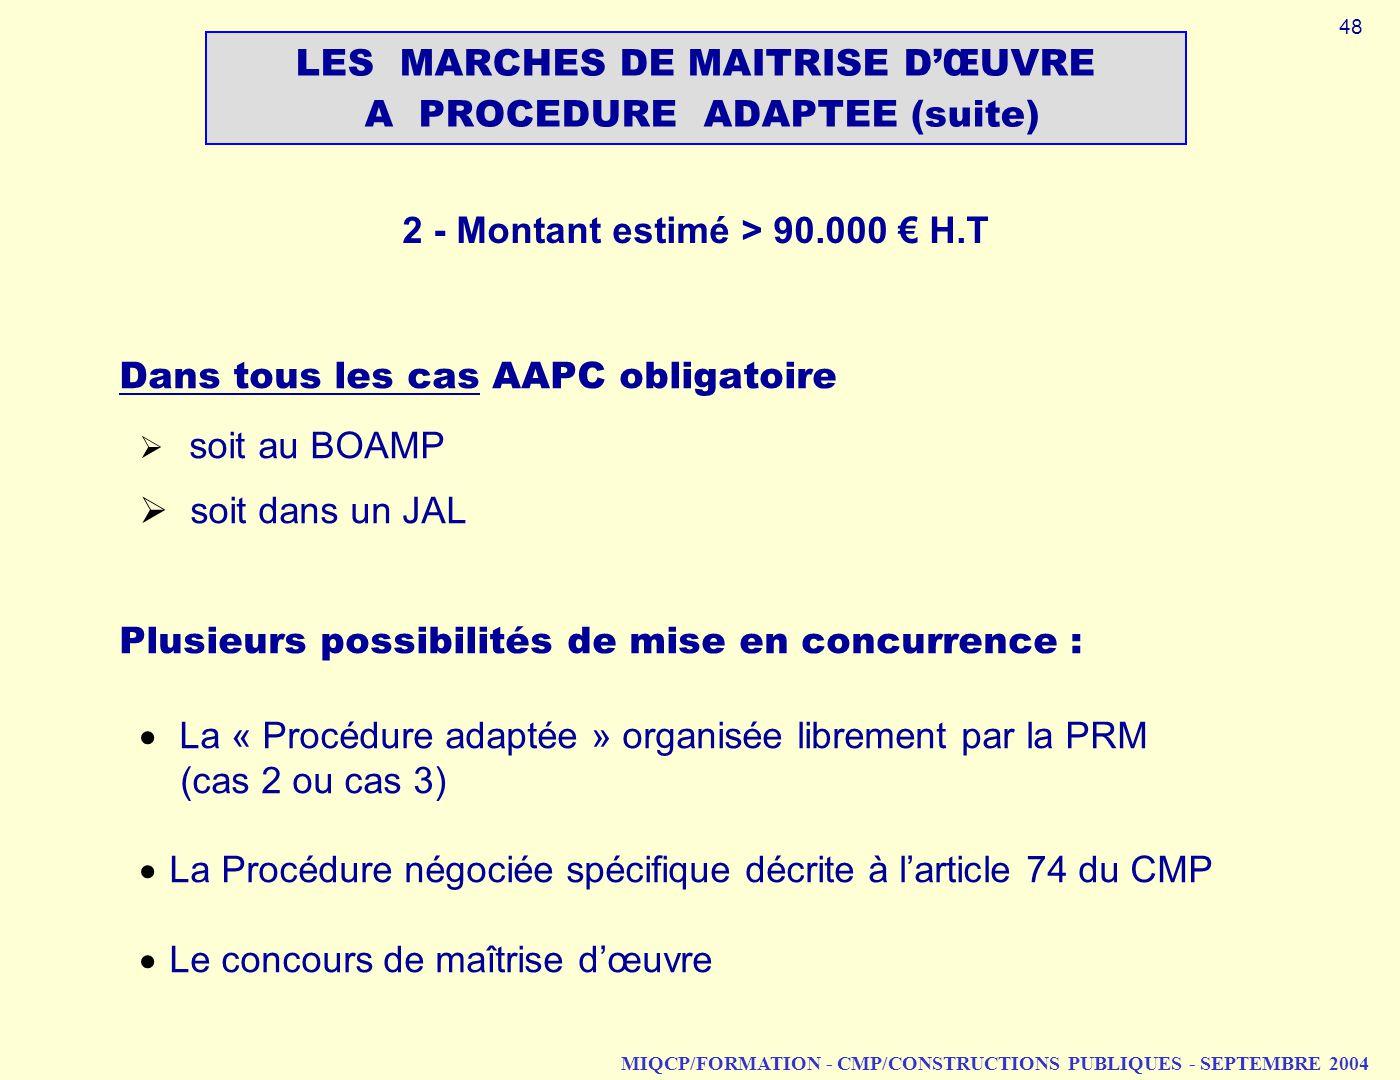 MIQCP/FORMATION - CMP/CONSTRUCTIONS PUBLIQUES - SEPTEMBRE 2004 Dans tous les cas AAPC obligatoire soit au BOAMP soit dans un JAL Plusieurs possibilité